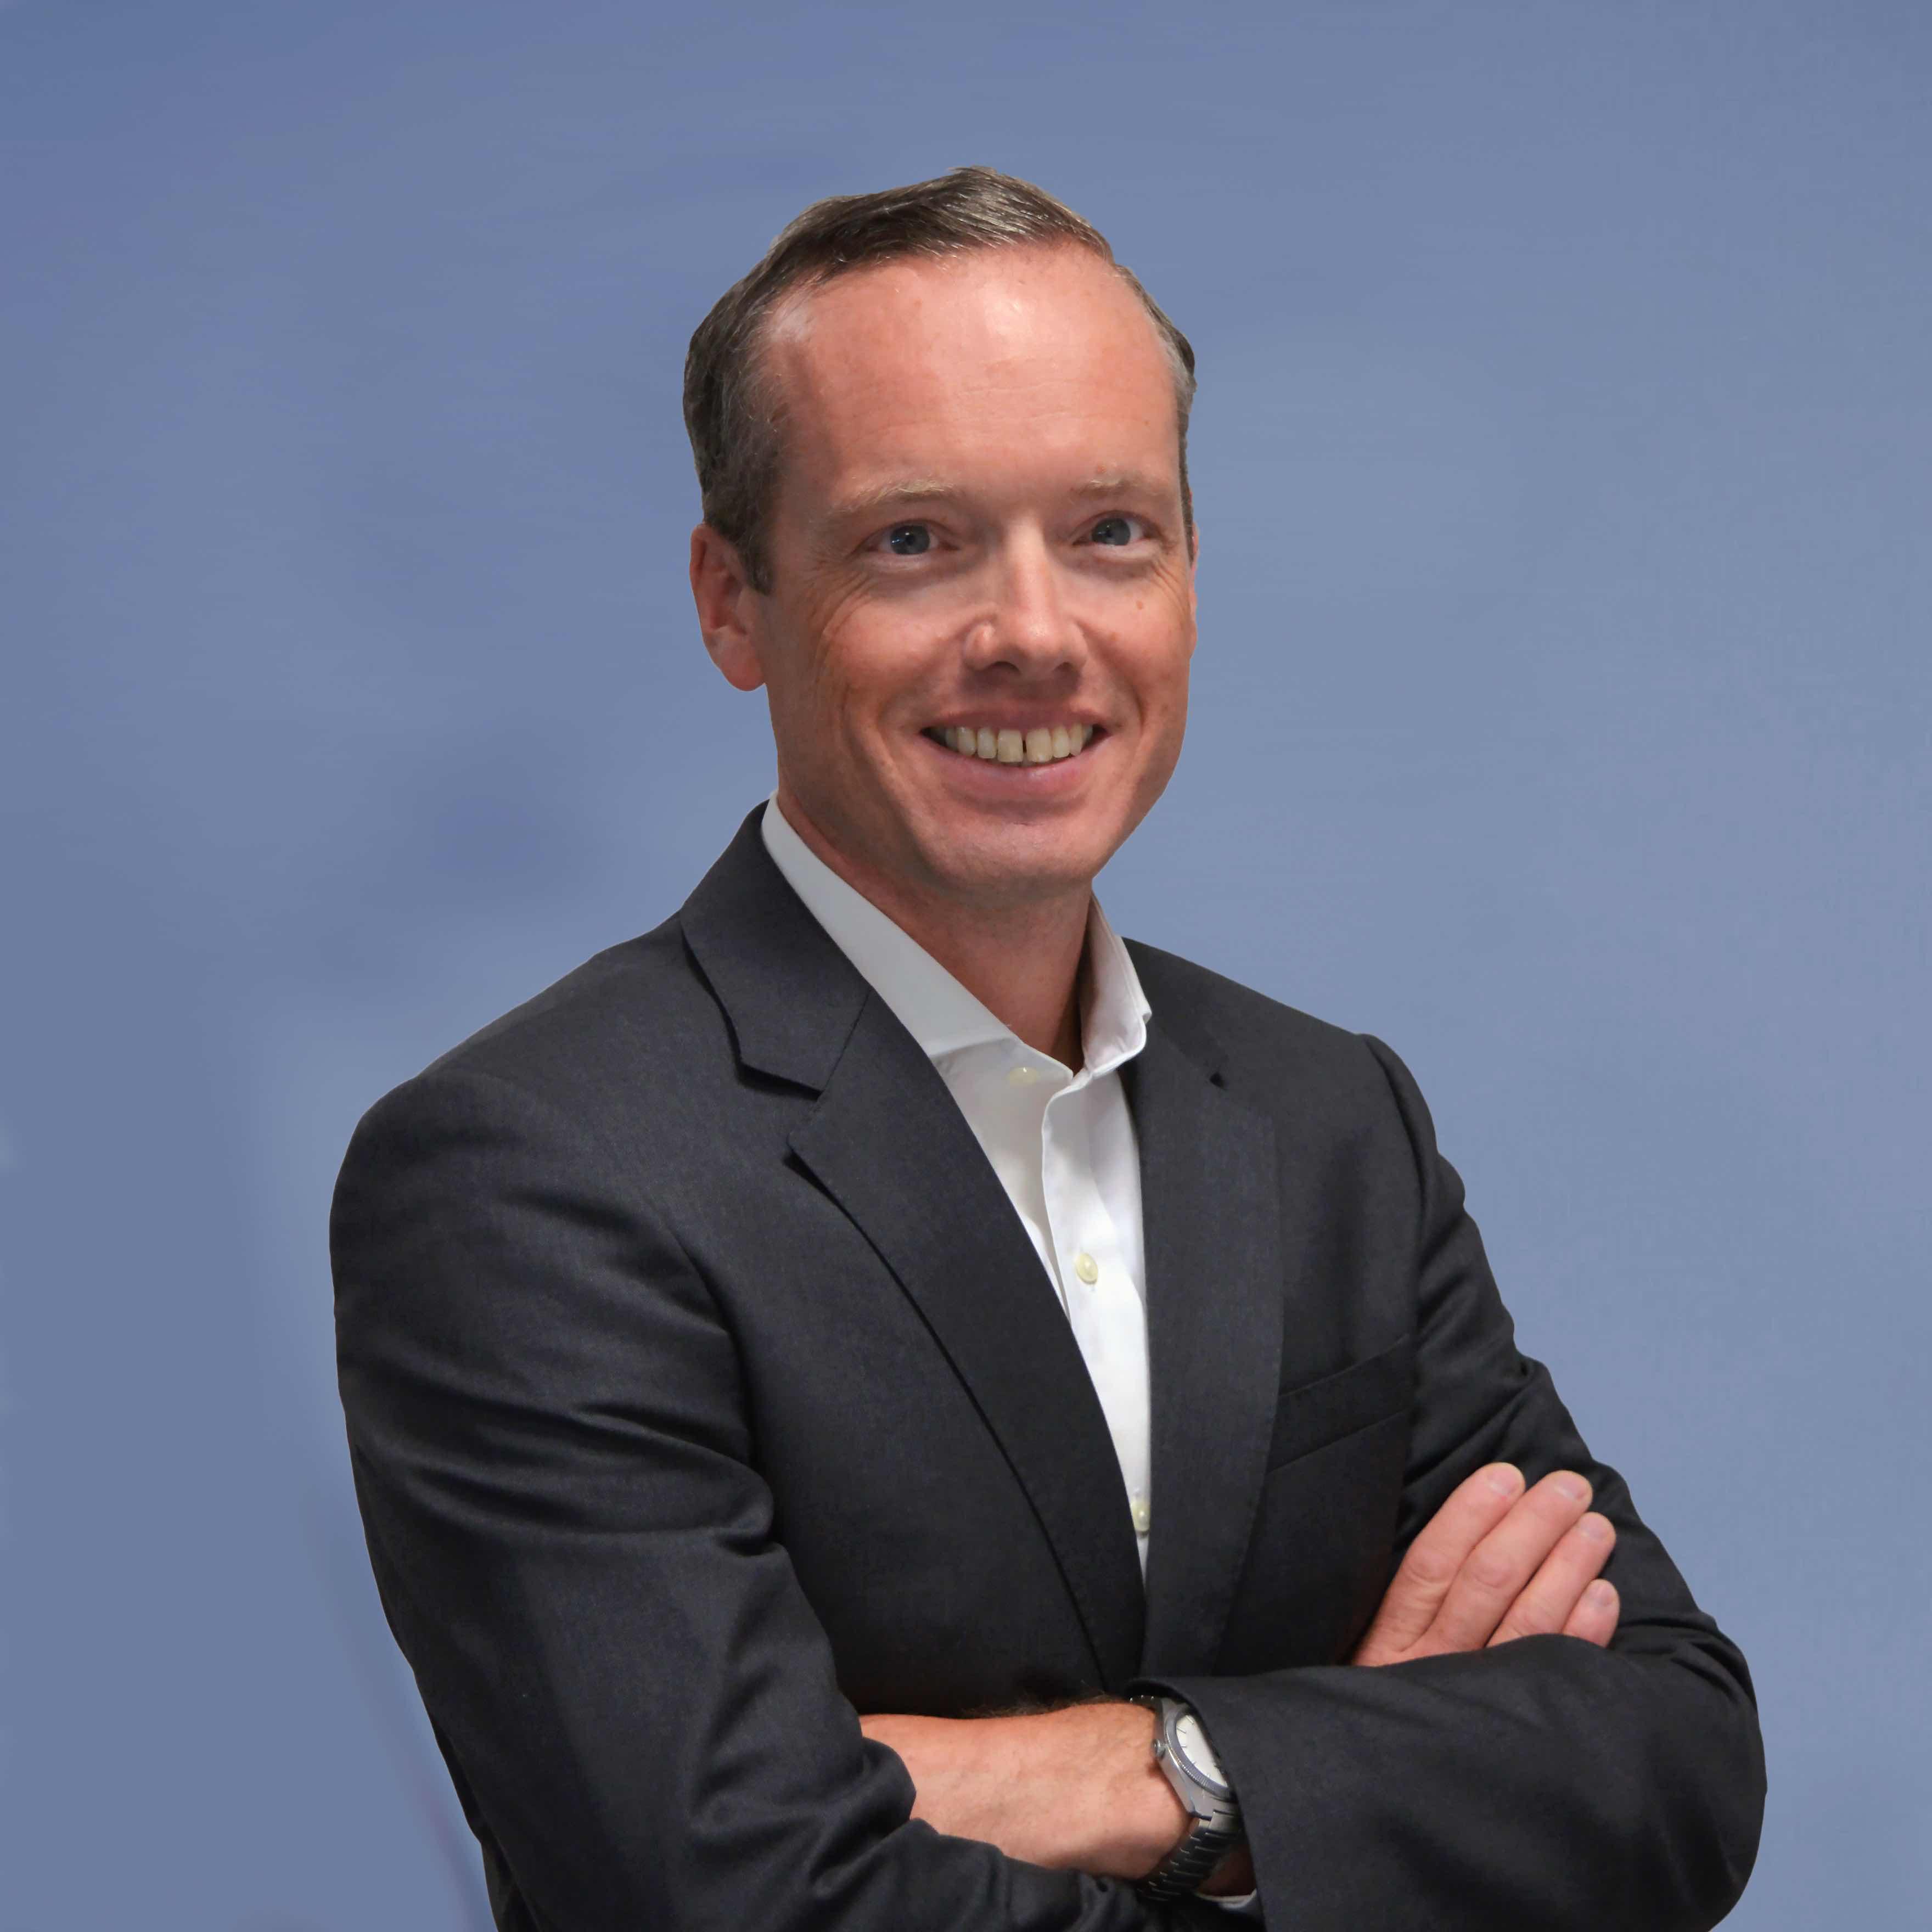 CoachHire.com gets new CEO